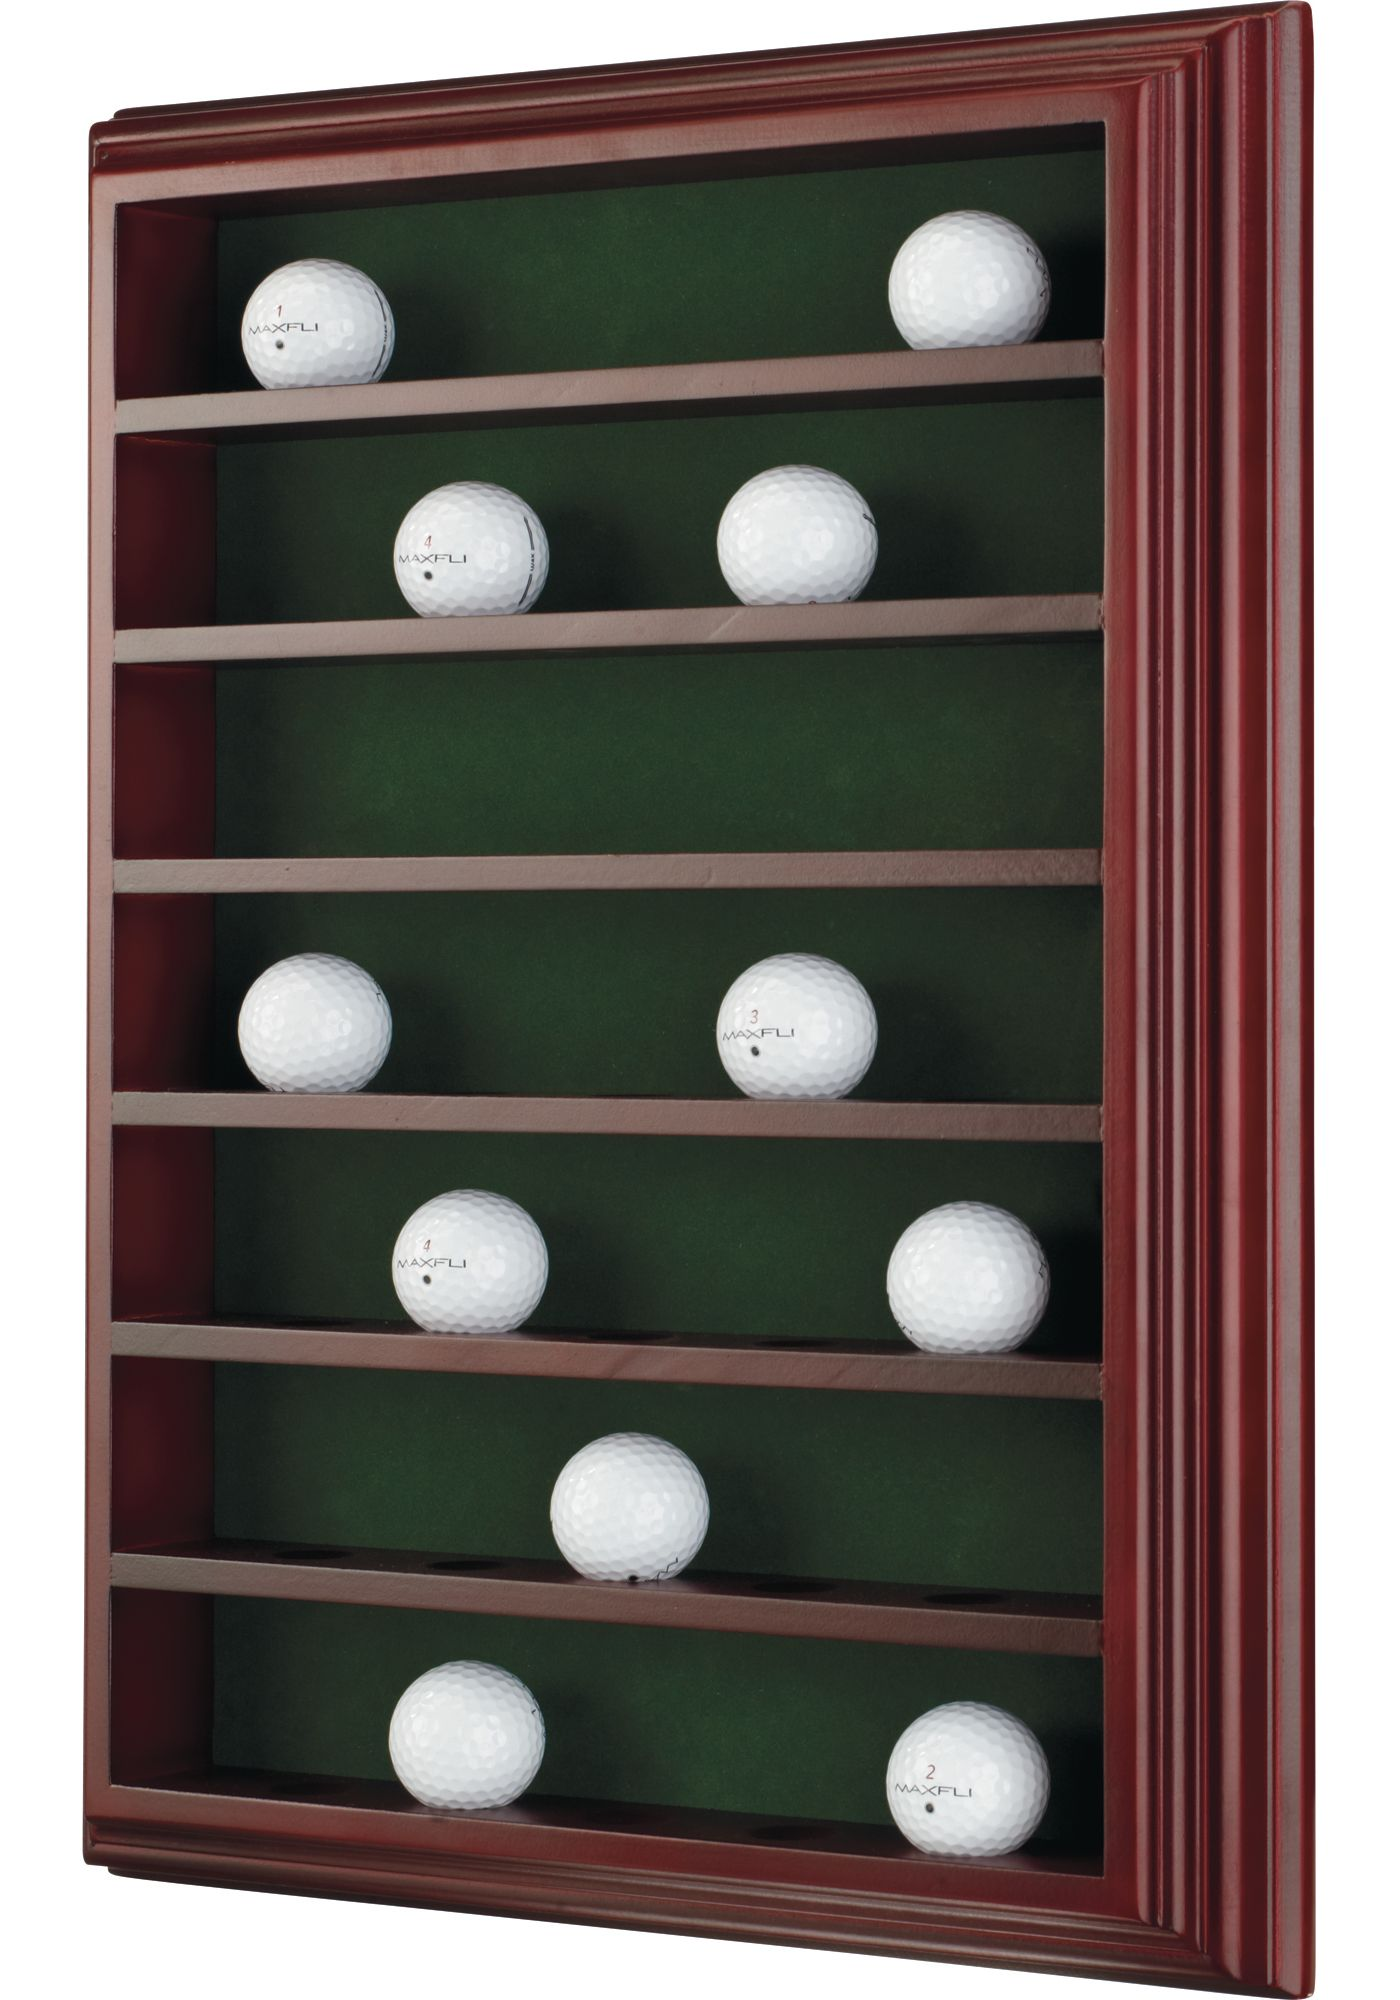 Maxfli Mahogany 35 Ball Cabinet